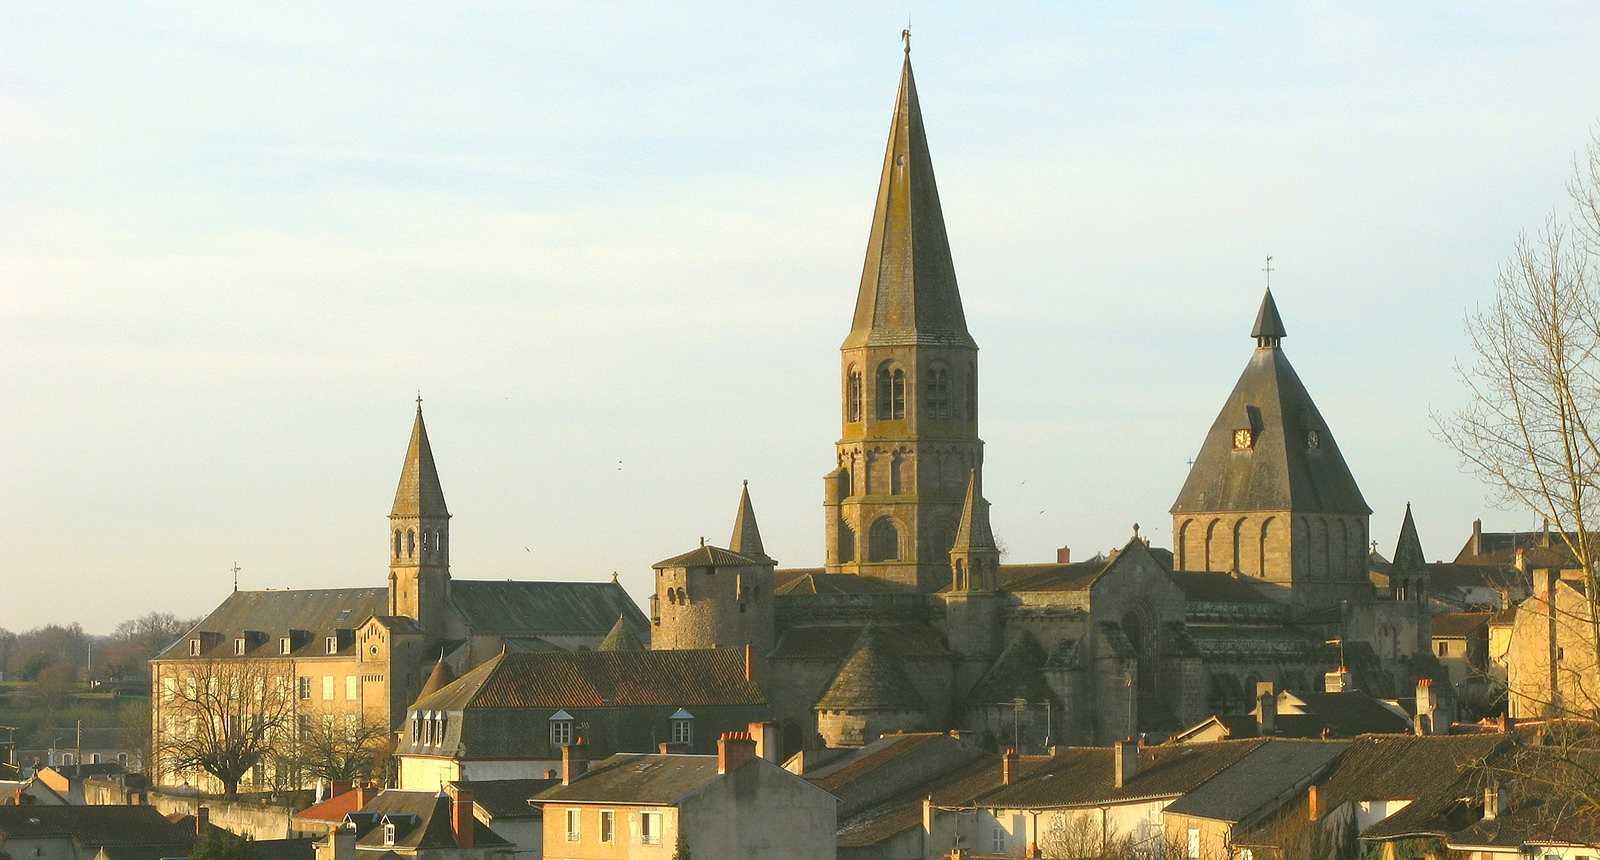 La Collégiale Saint-Pierre-du-Dorat